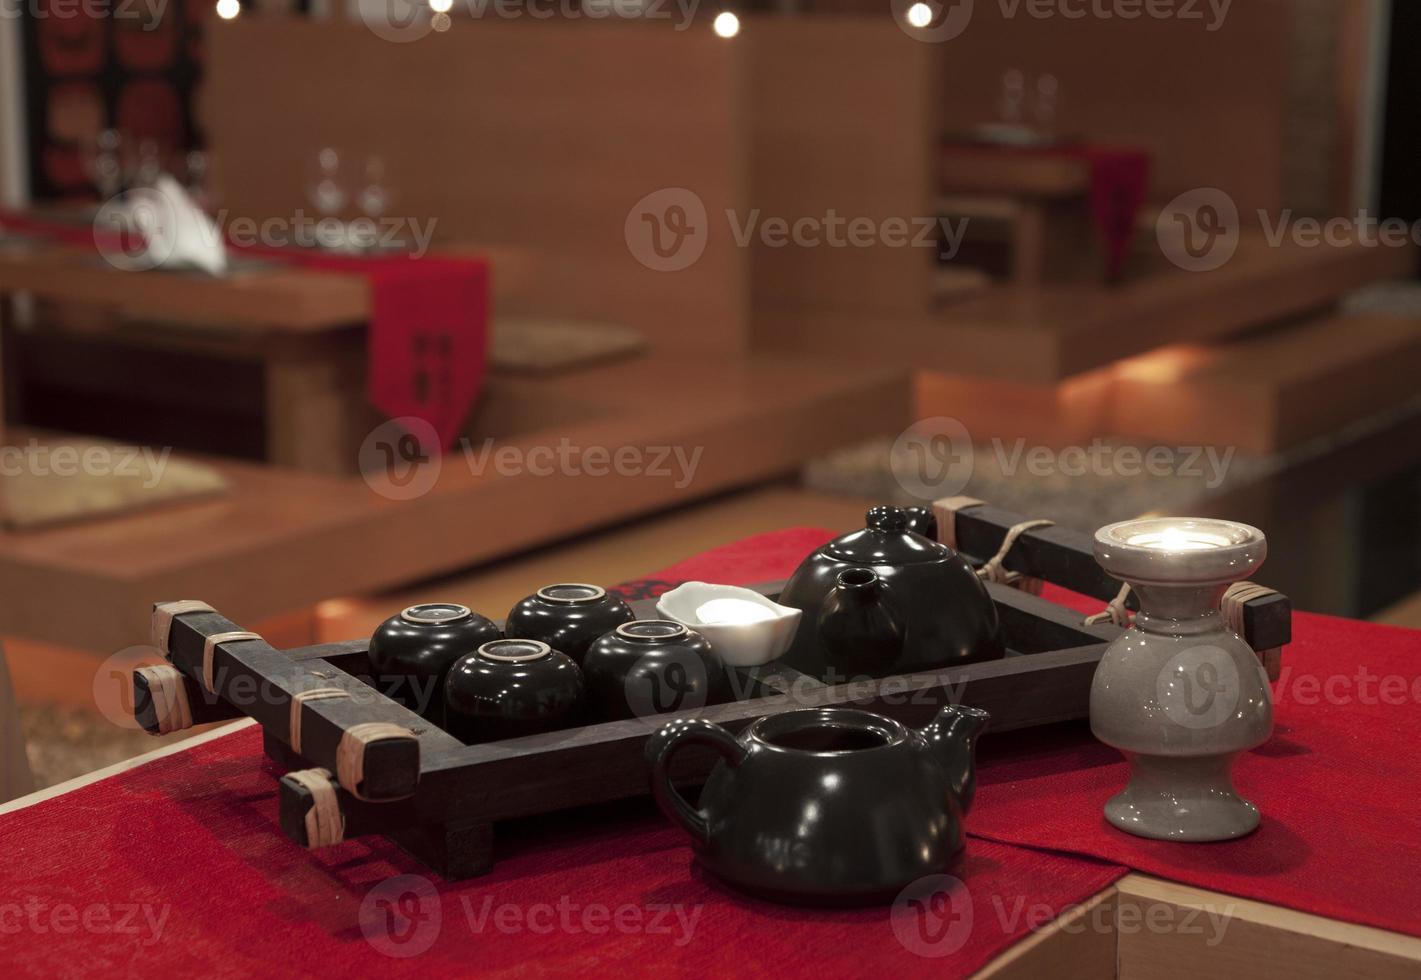 chinesisches Teezeremonie-Set foto